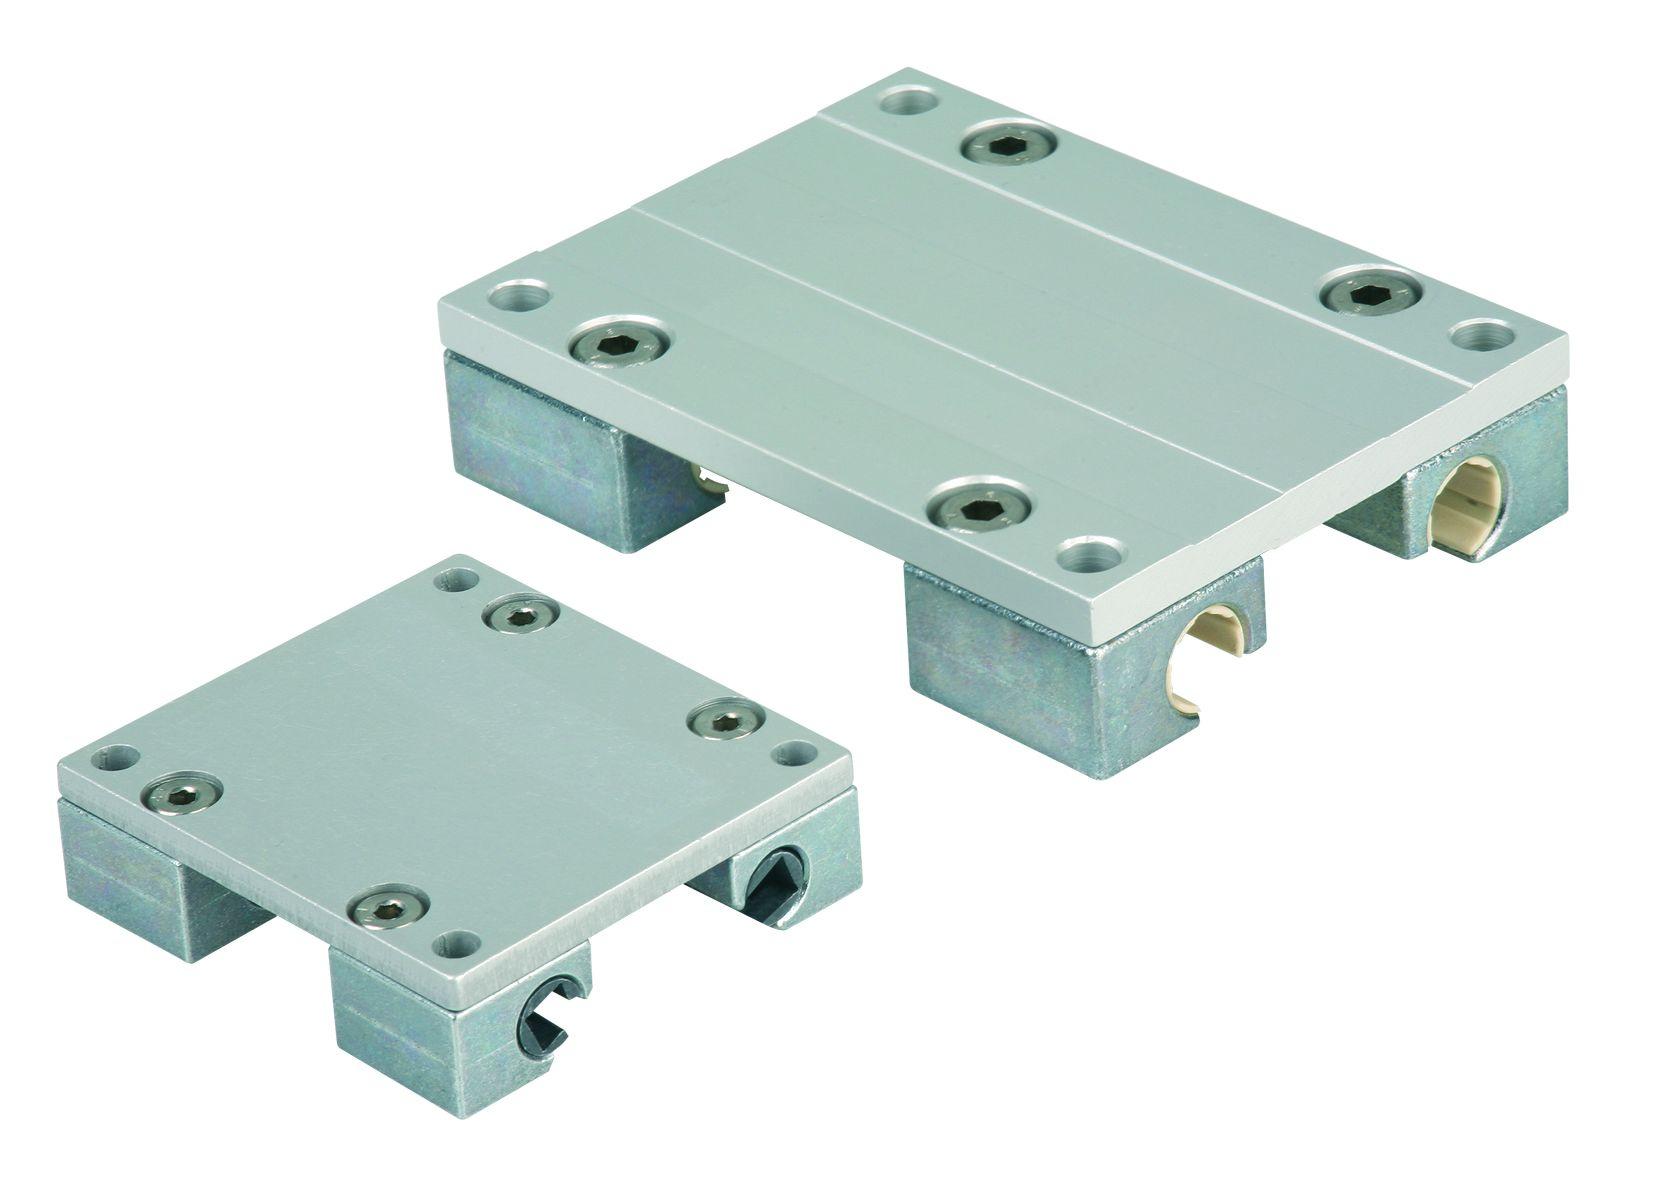 Werkstoff: Gleitwagen Zinkdruckguss. Montageplatte Aluminium. Gleitlagerwerkstoff aus iglidur® J. Ausführung: Gleitwagen